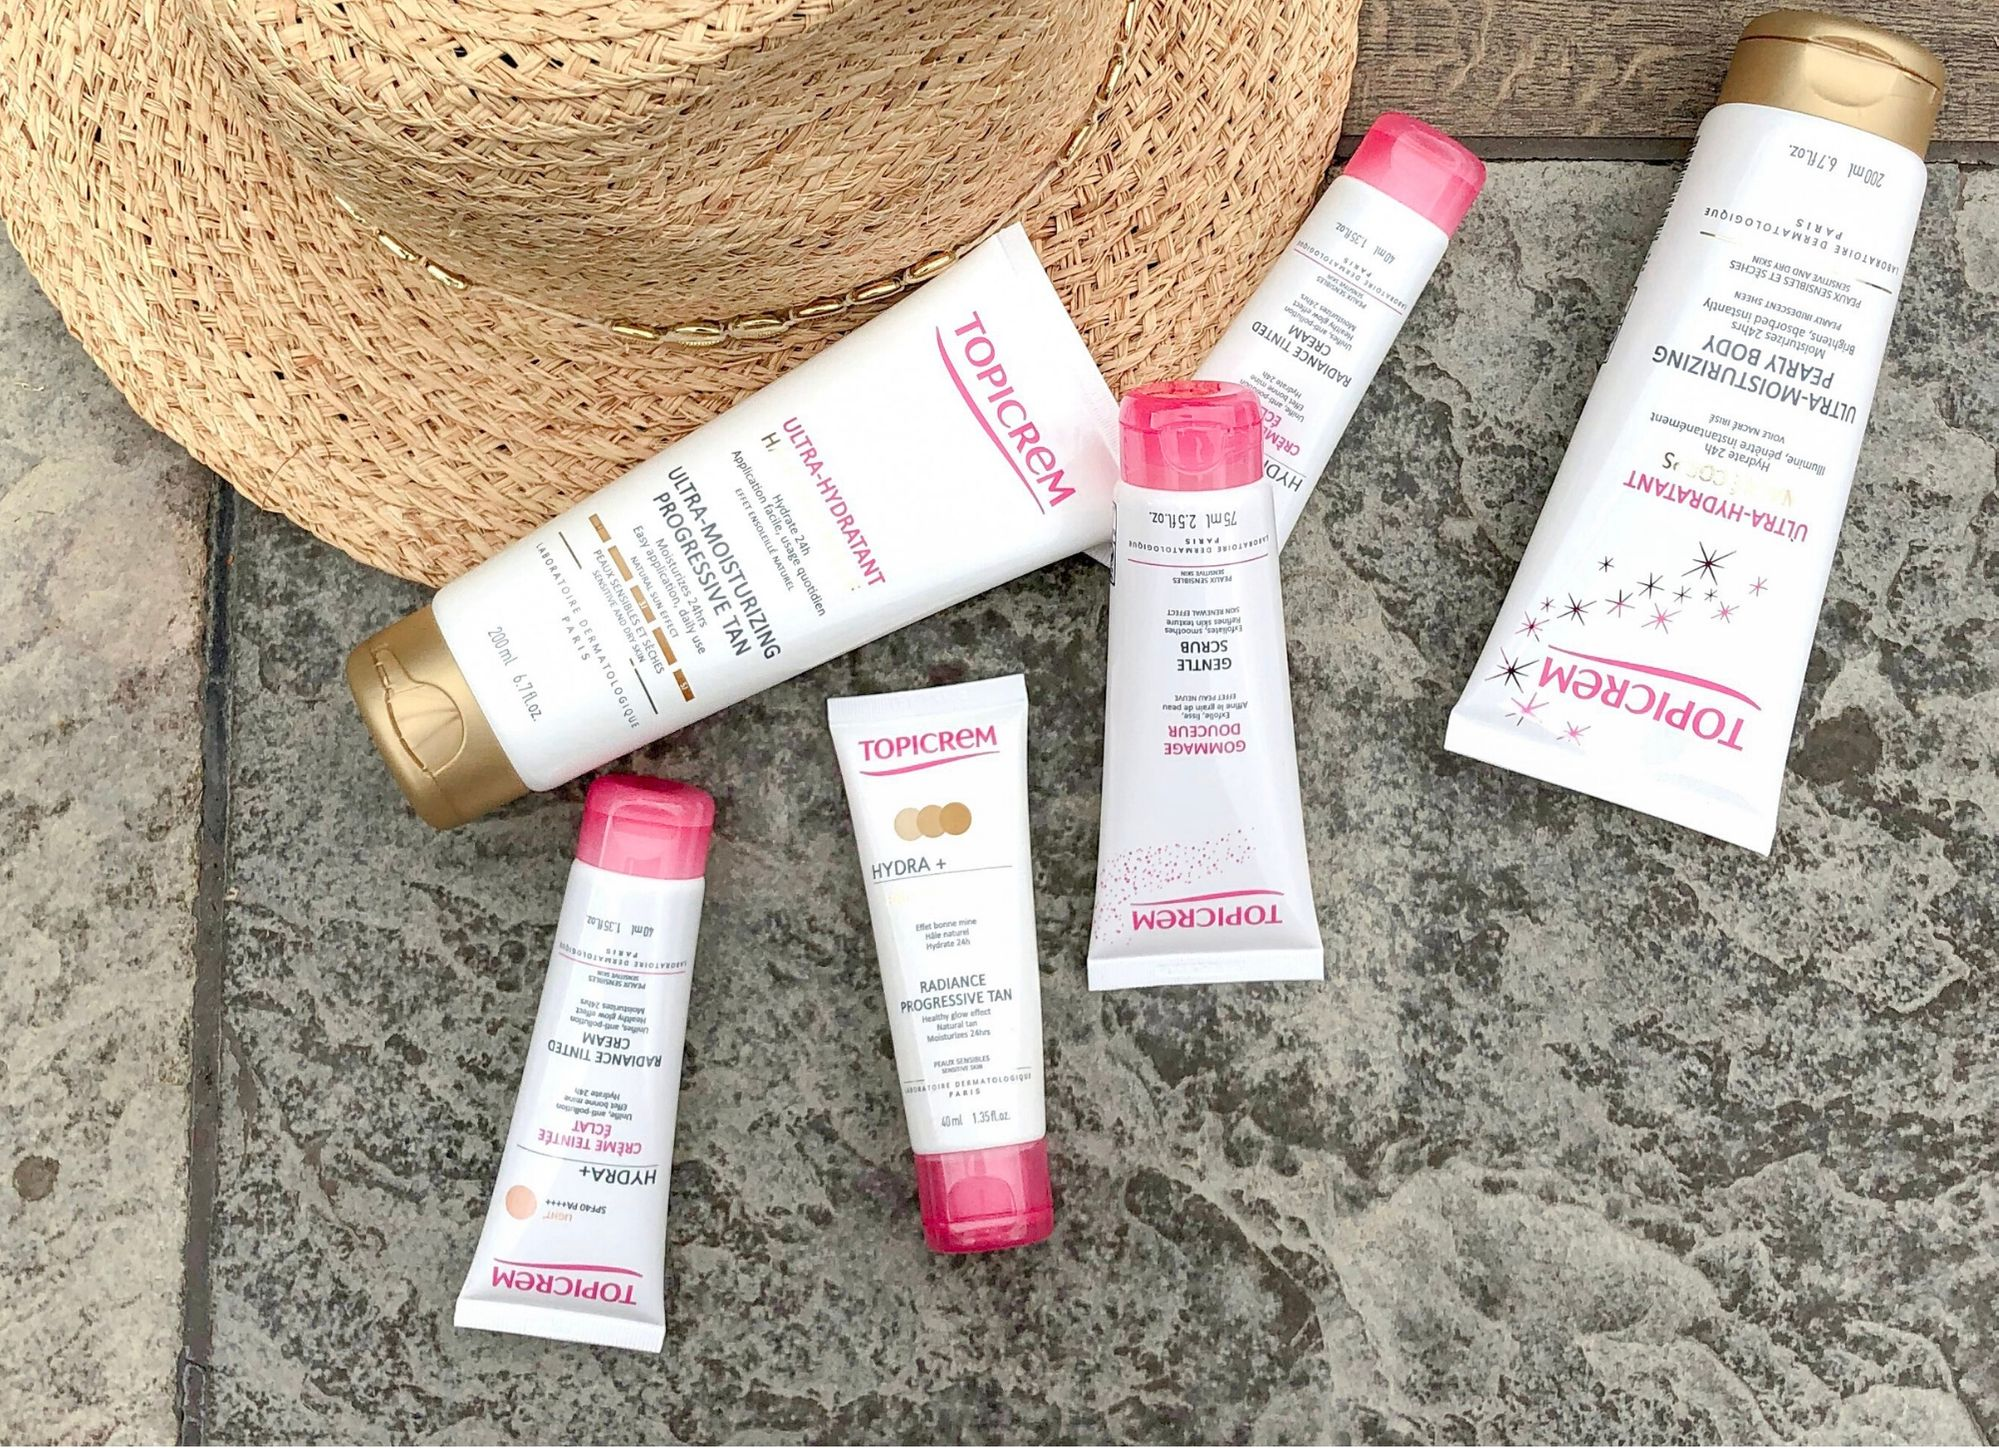 Přemýšlíte, jakou kosmetiku sbalit na letní dovolenou? Poradíme vám